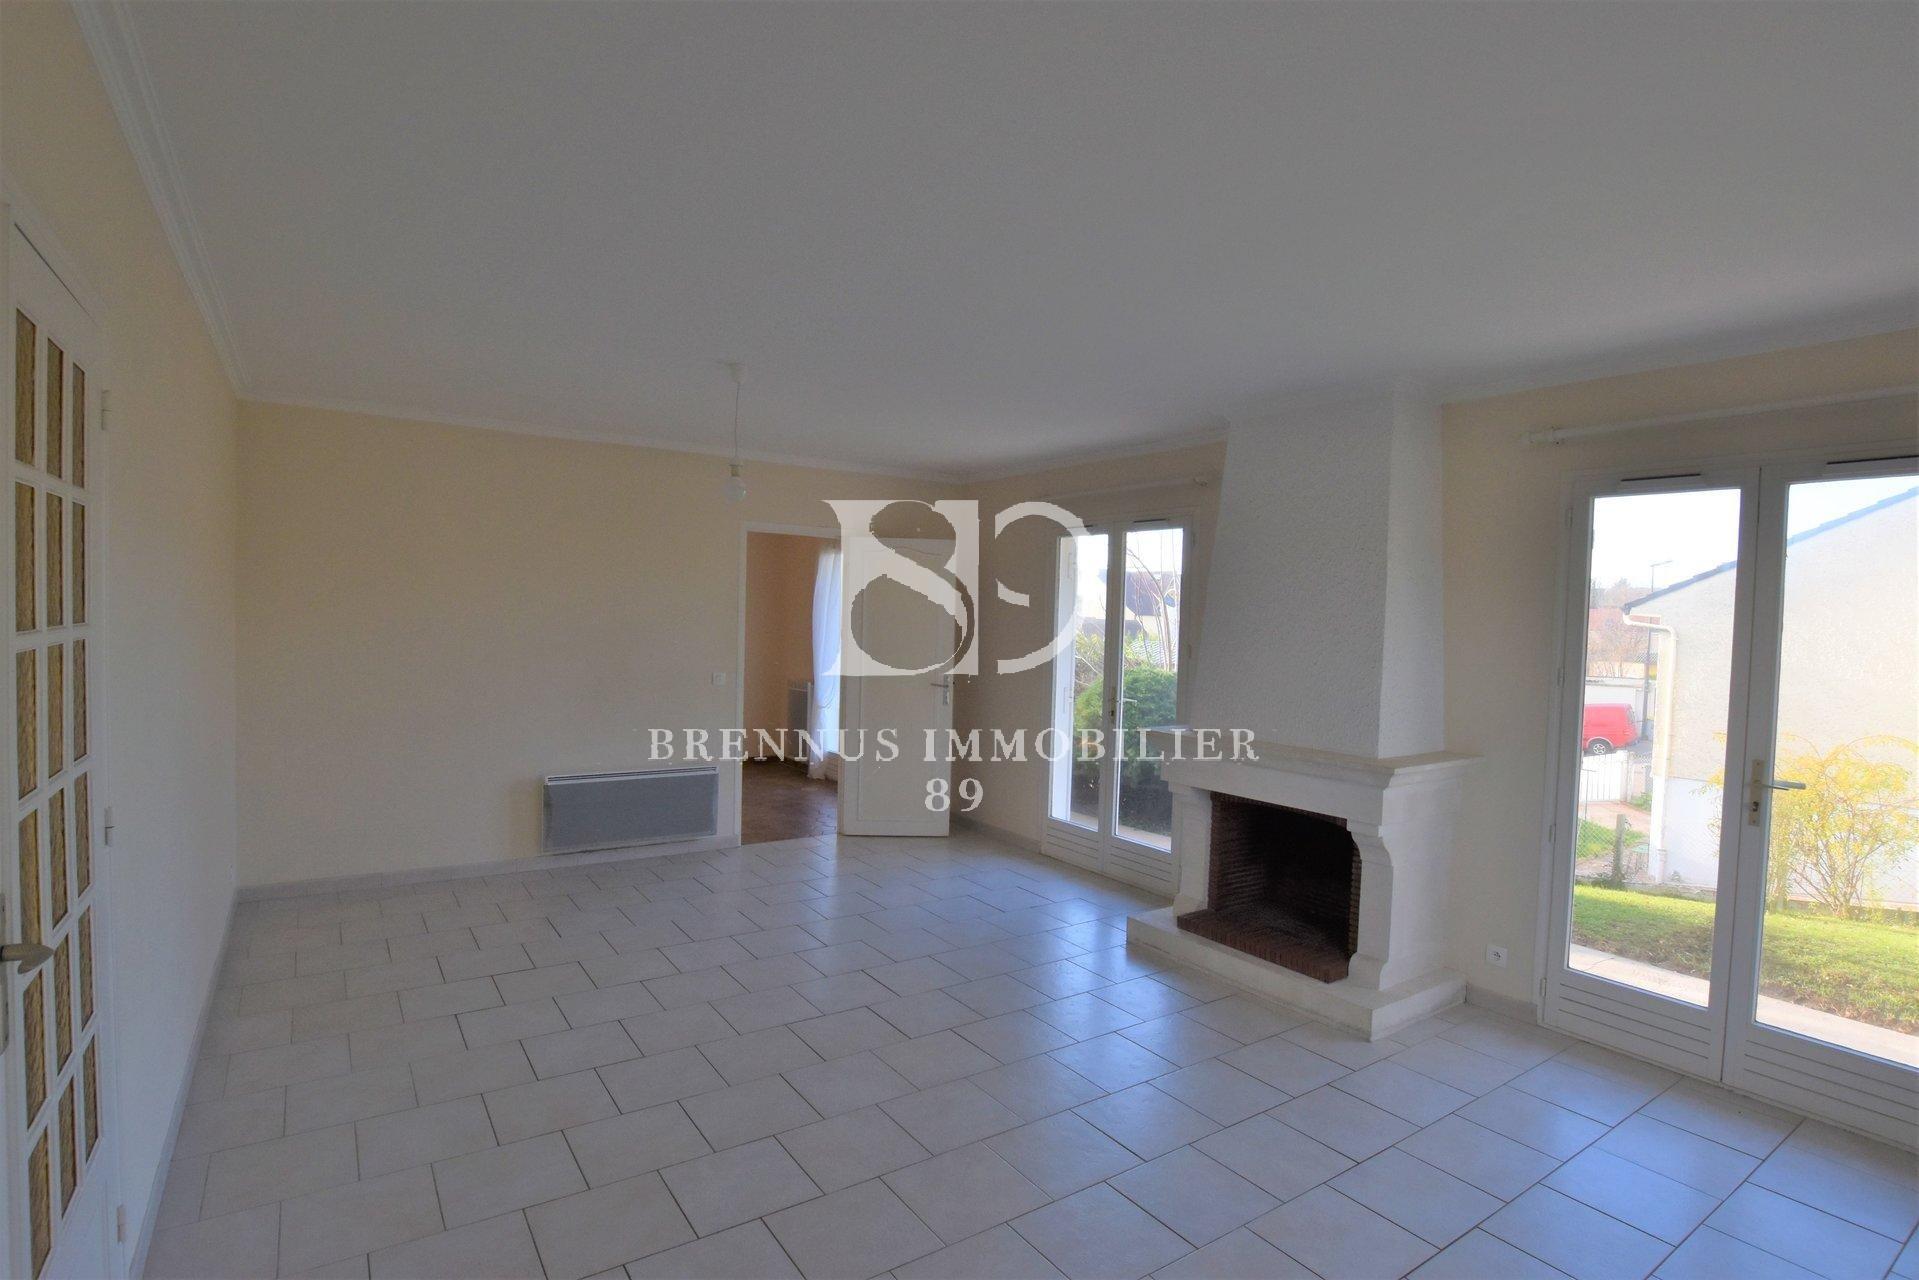 Maison 5 pièces - 110 m² environ